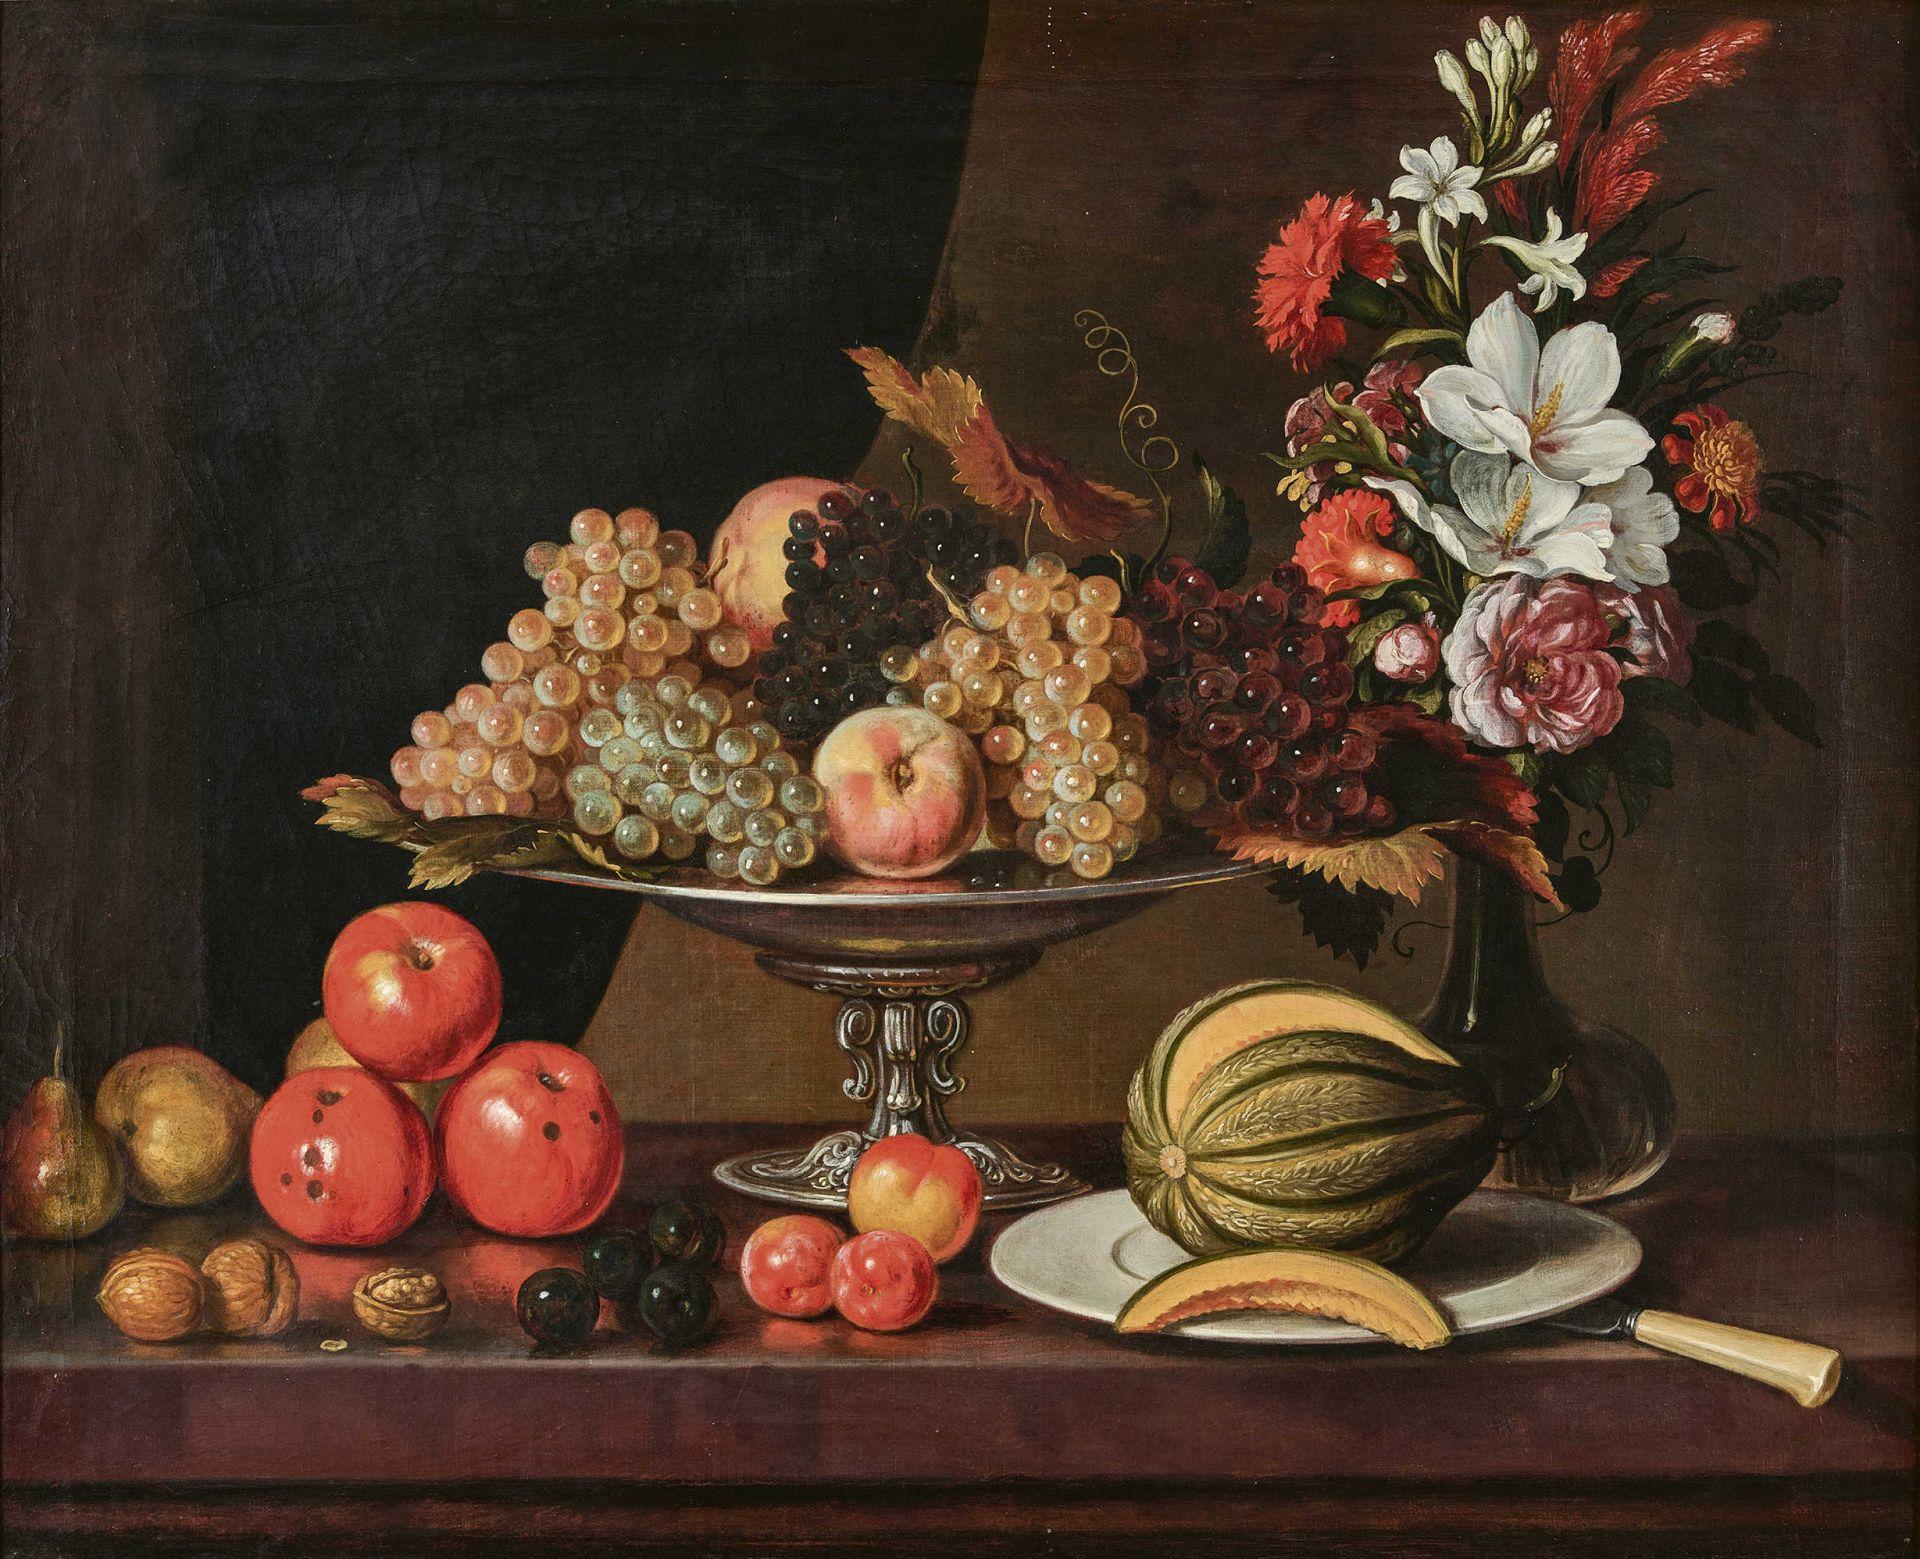 DÜNZ, JOHANNES: Herbstliches Stillleben mit Früchten und Blumenbouquet.